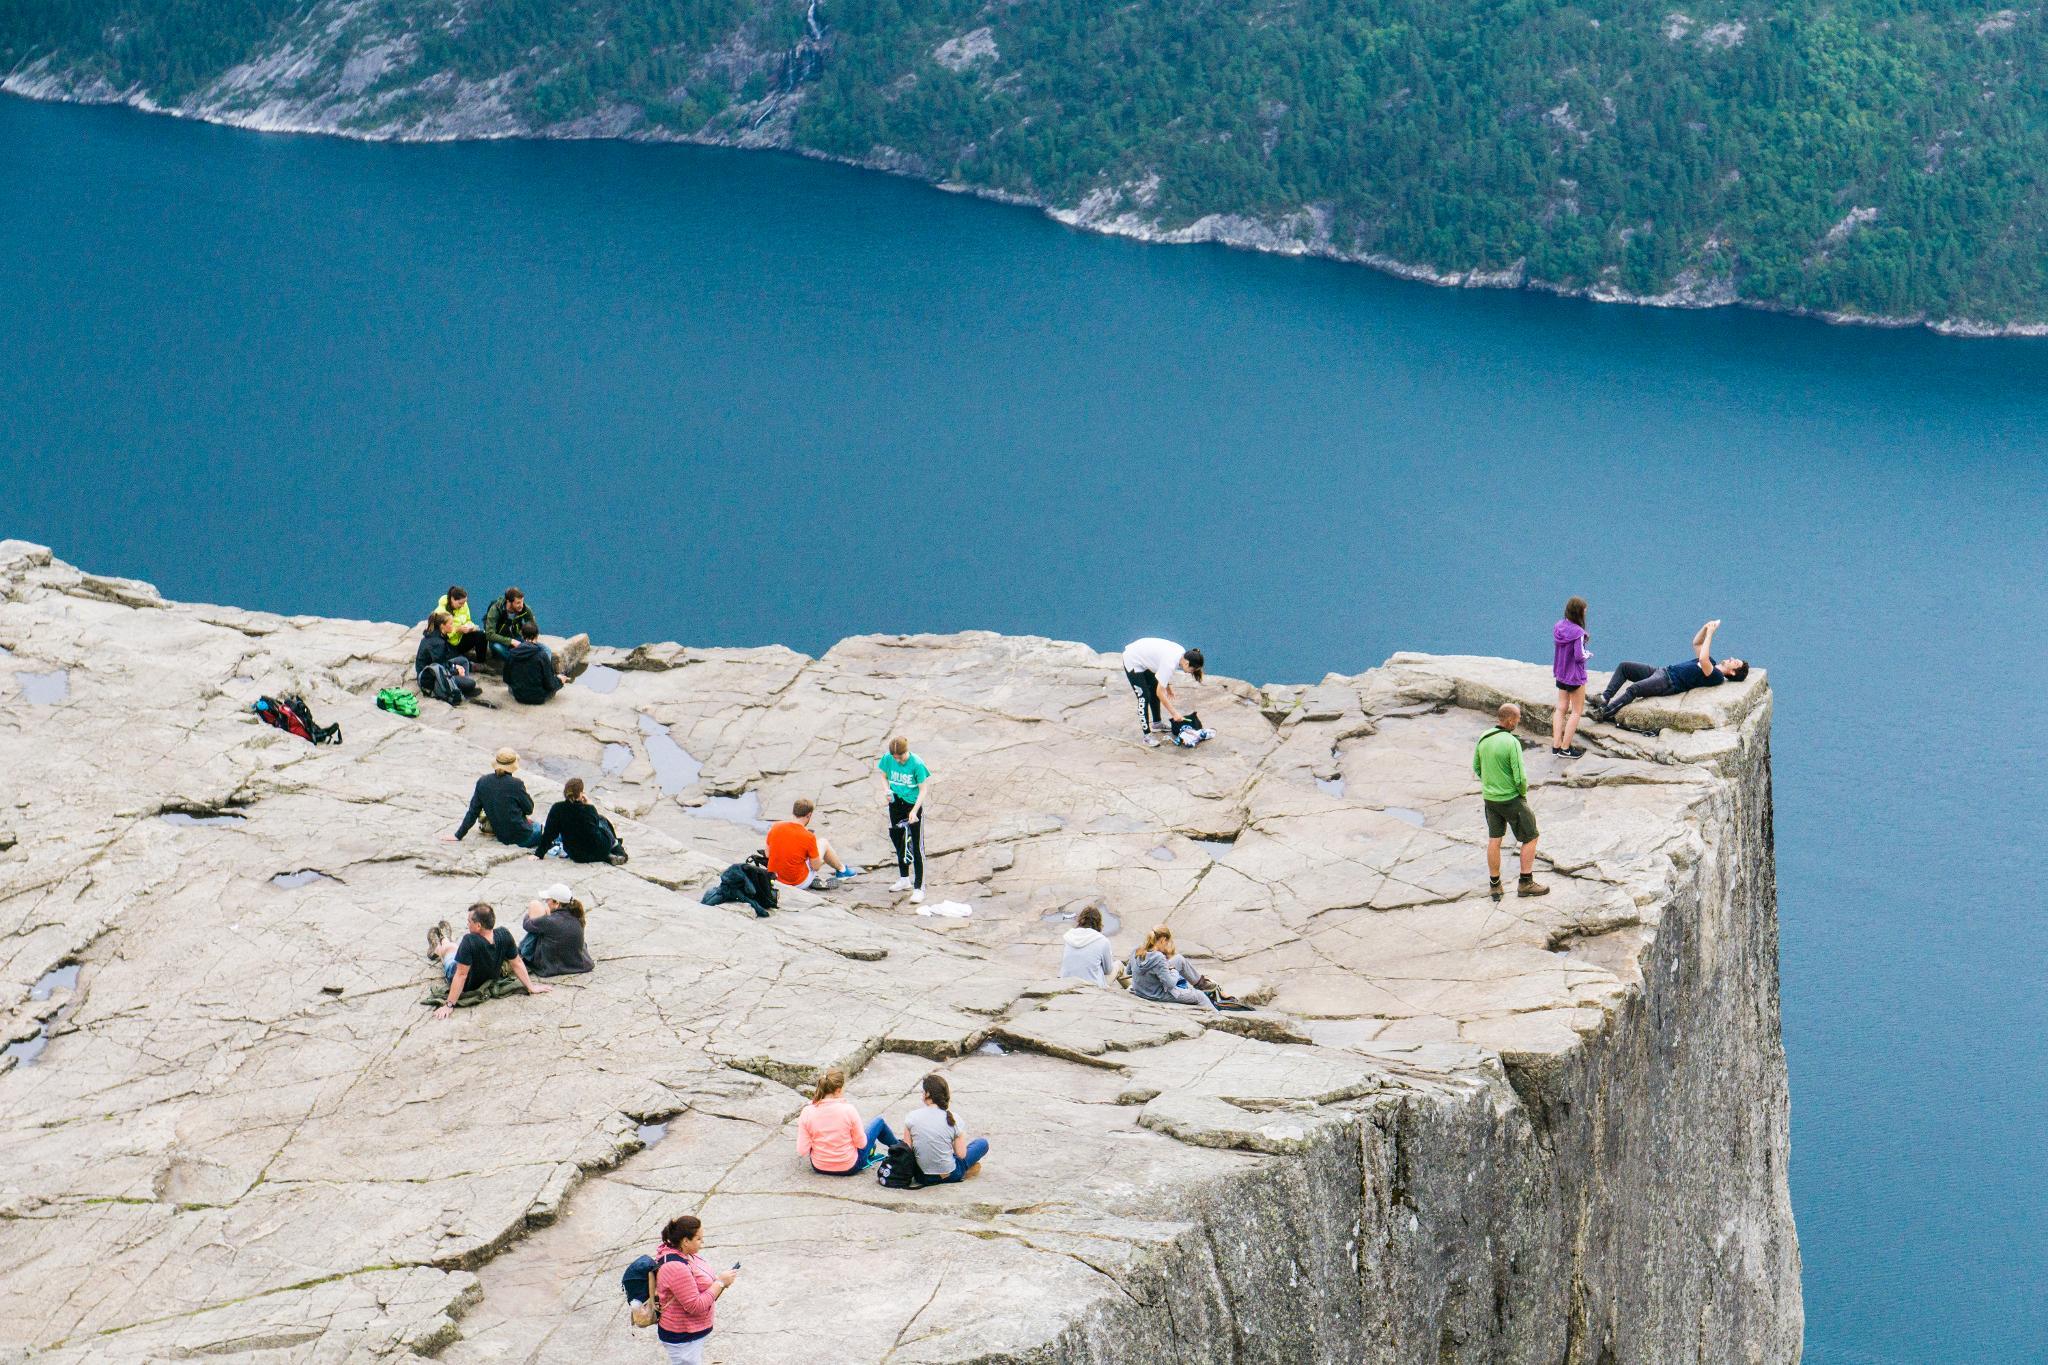 【北歐景點】朝聖挪威三大奇岩:聖壇岩Preikestolen健行紀錄 33